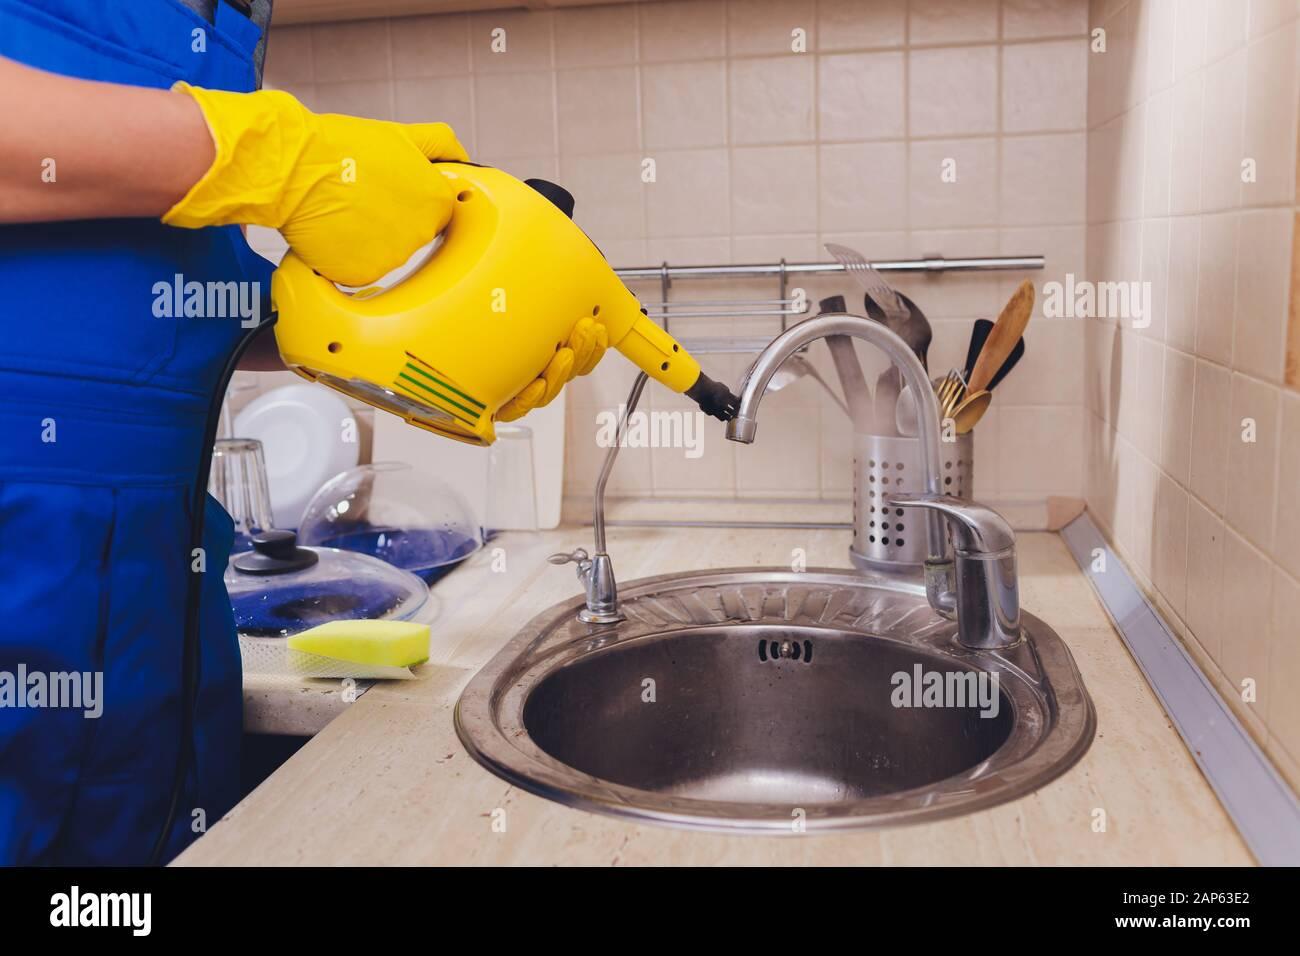 Wasserhahn Im Detail Mit Kalkablagerungen In Der Nahe Verschmutzter Kalkhalierter Kuchenarmatur Reinigung Mit Dampfreiniger Stockfotografie Alamy